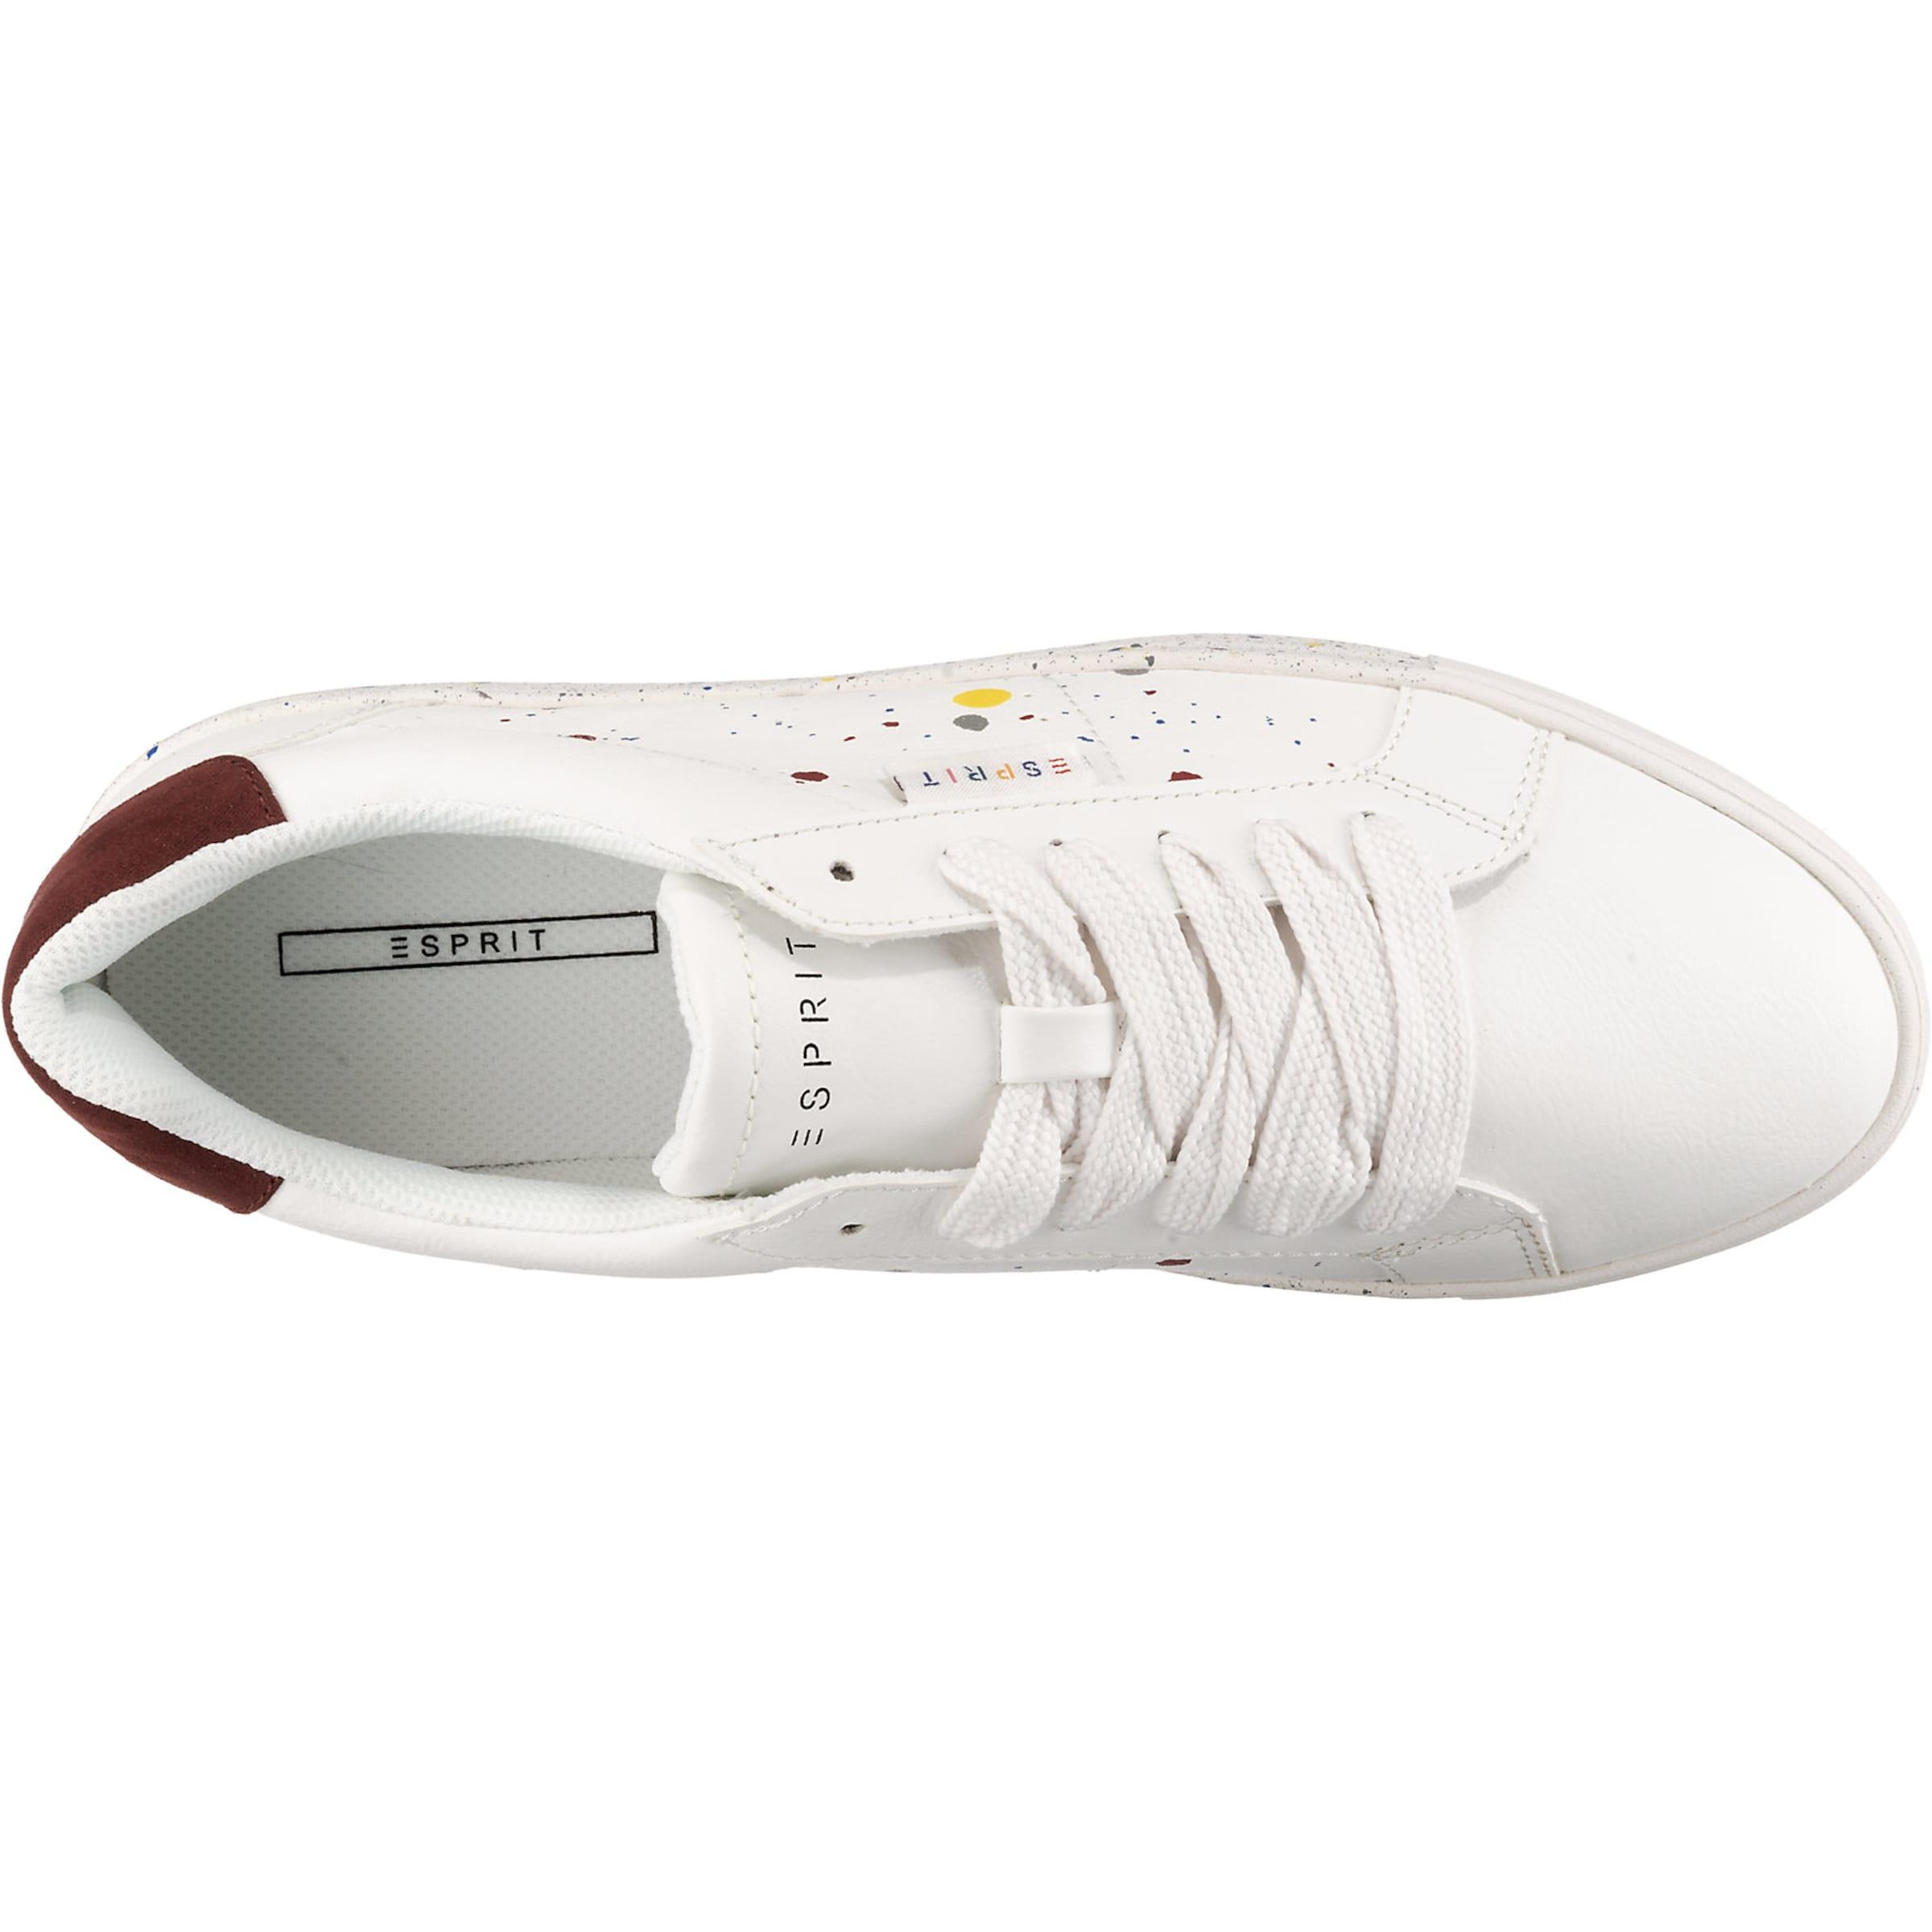 'colette Basses Baskets Esprit Spla En Blanc Lu' 354RjAL